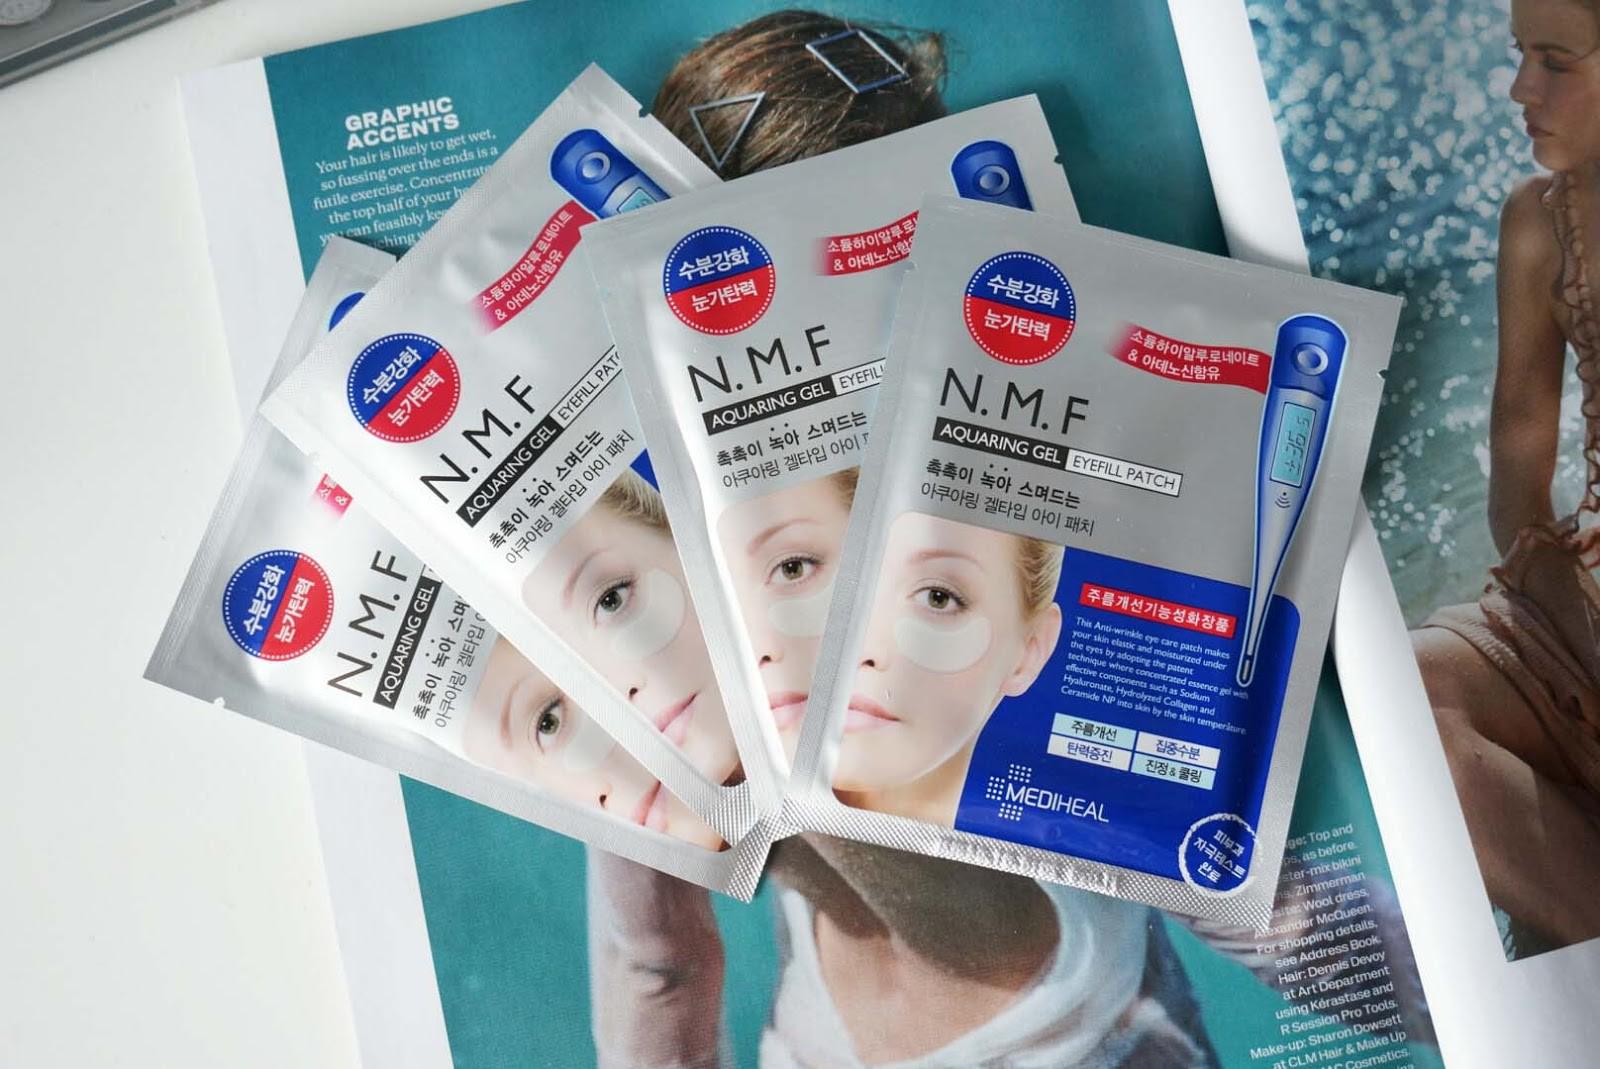 Để trẻ mãi không già, các nàng nên đắp thêm mặt nạ dành riêng cho mắt và đây là 7 sản phẩm đang được sủng ái nhất - Ảnh 7.